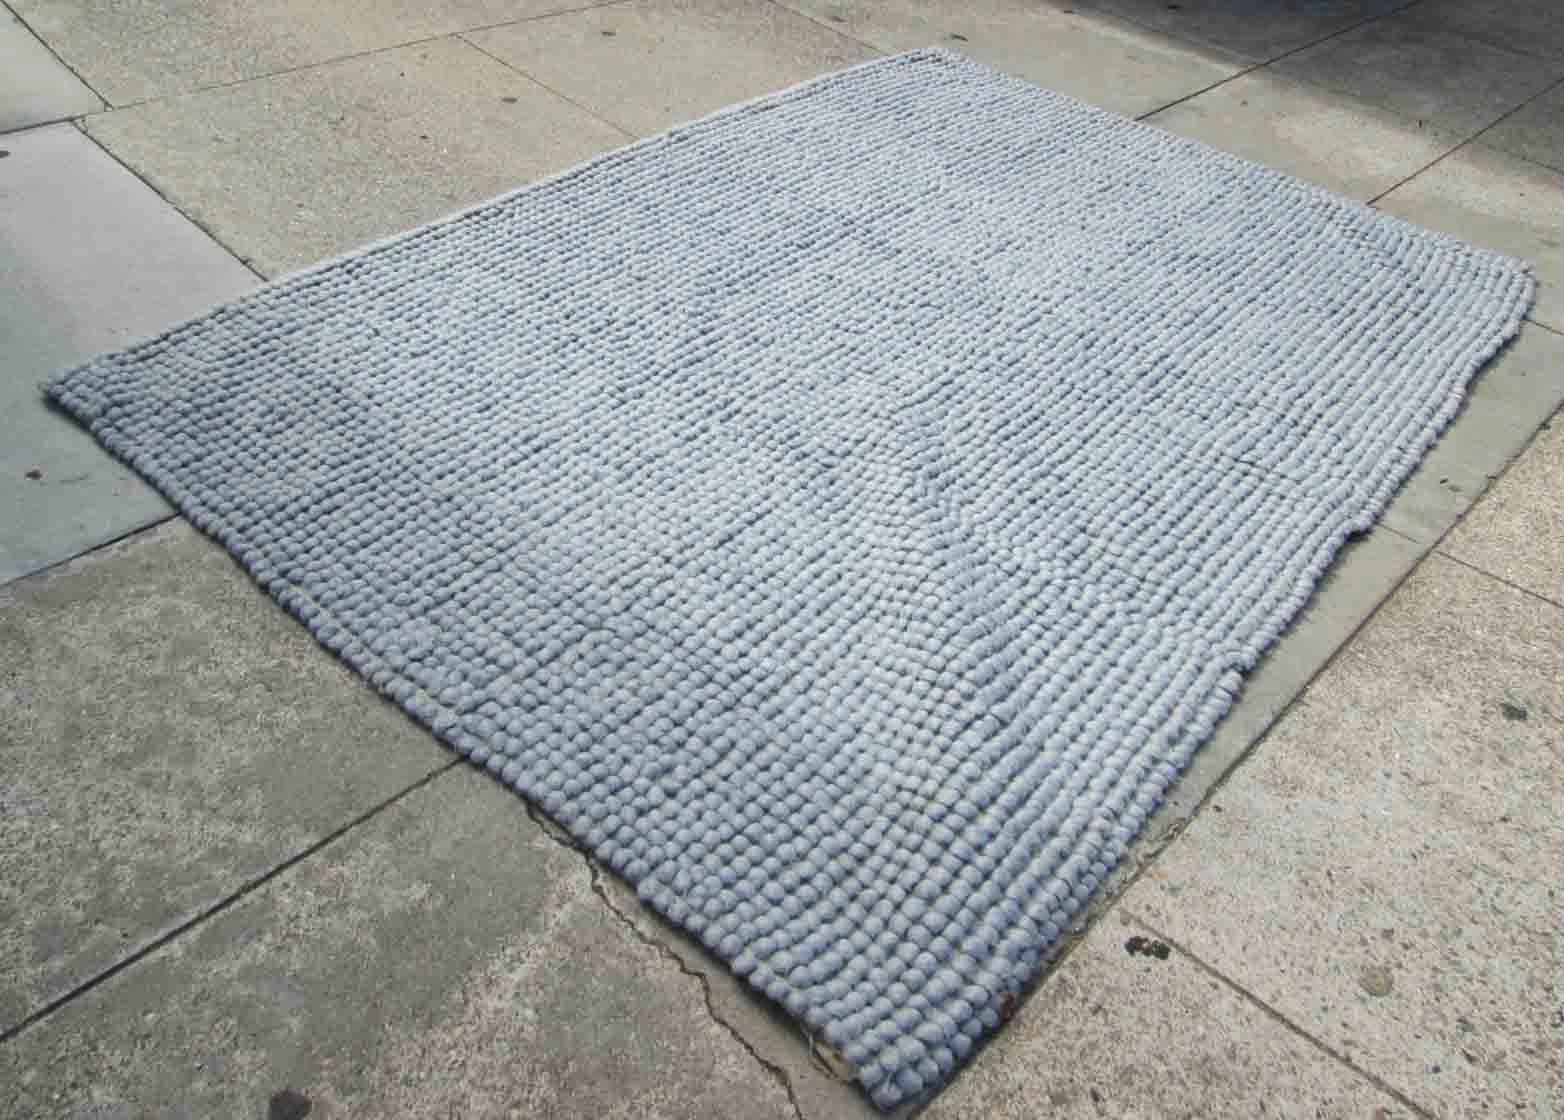 uhuru furniture collectibles sold west elm soft blue area rug 5x8 45. Black Bedroom Furniture Sets. Home Design Ideas